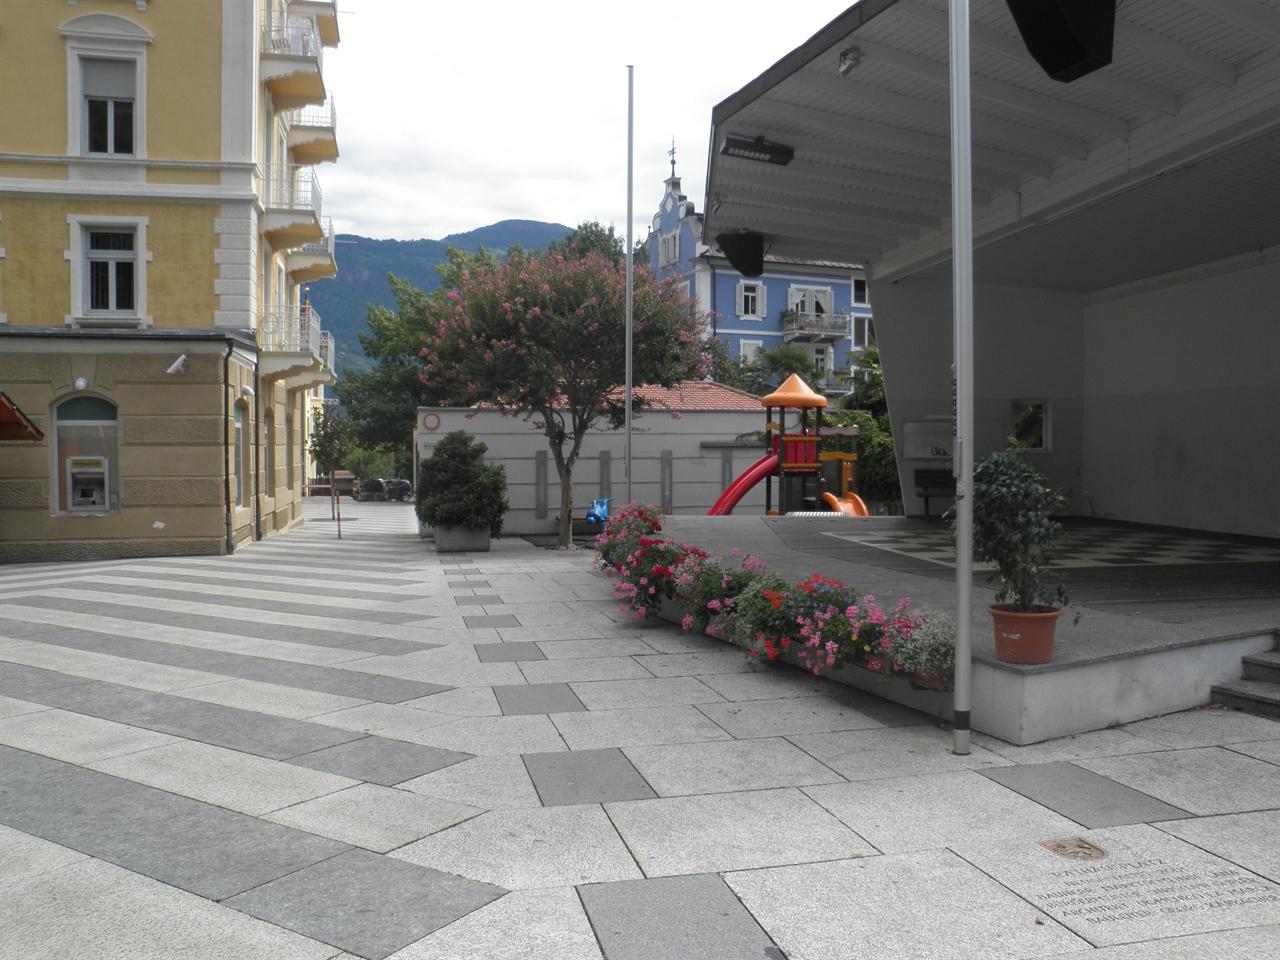 Comune Di Lana Bz piazza municipio - comune di lana - home - vita comunitaria